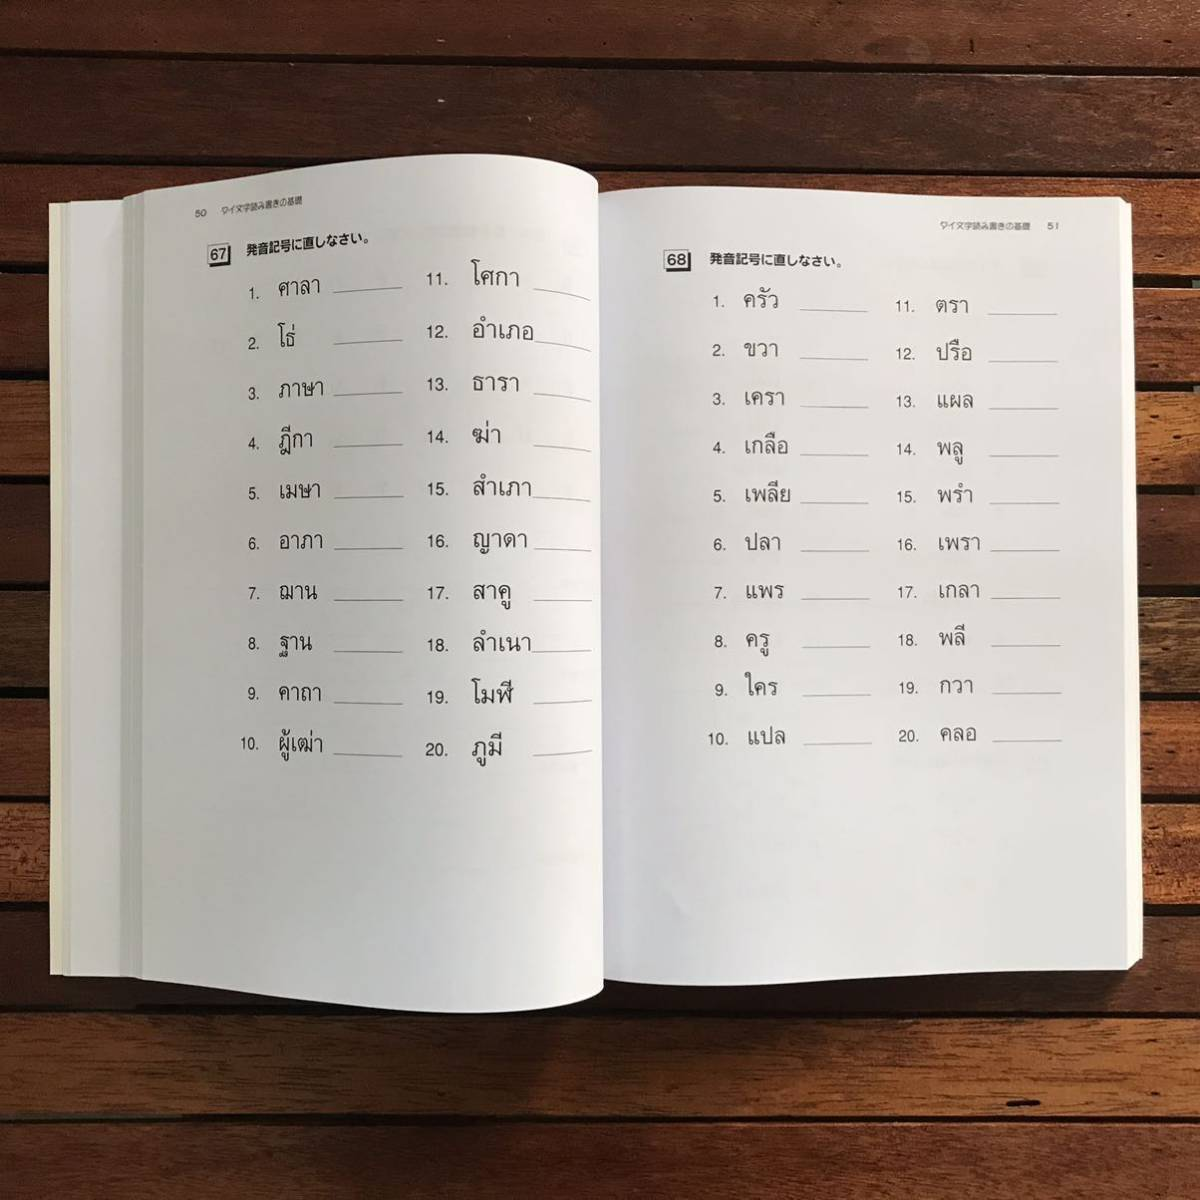 送料無料1円スタート! タイ文字読み書きの基礎+タイ文字練習帳+現地子ども用タイ語学習本4冊 1円スタート!_画像4